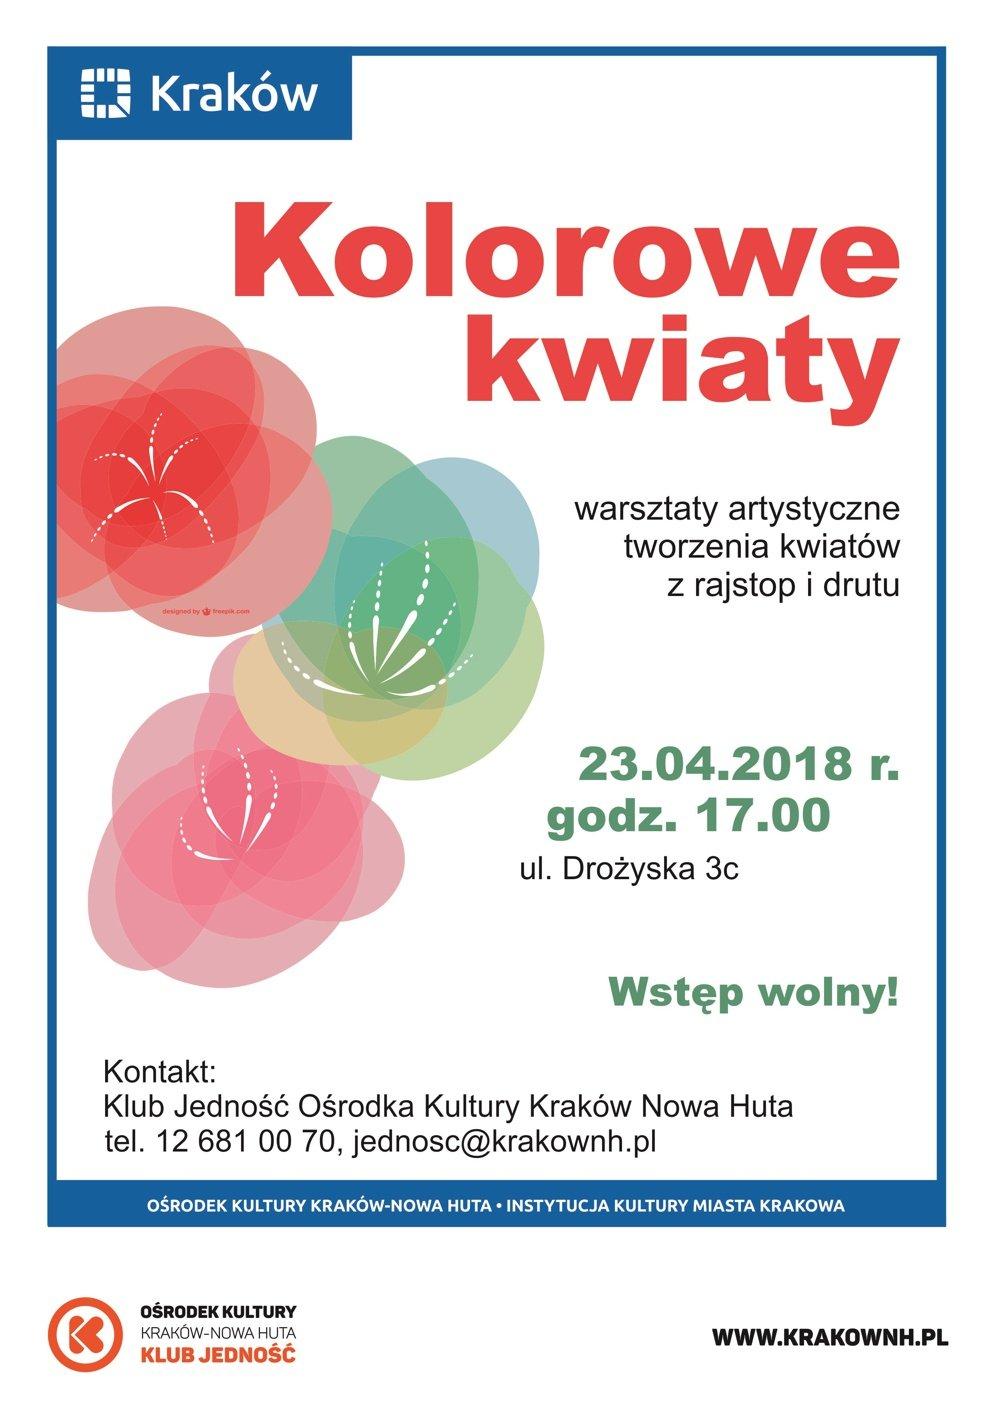 Kwietniowe wydarzenia dla rodzin w Klubach Ośrodka Kultury Kraków-Nowa Huta